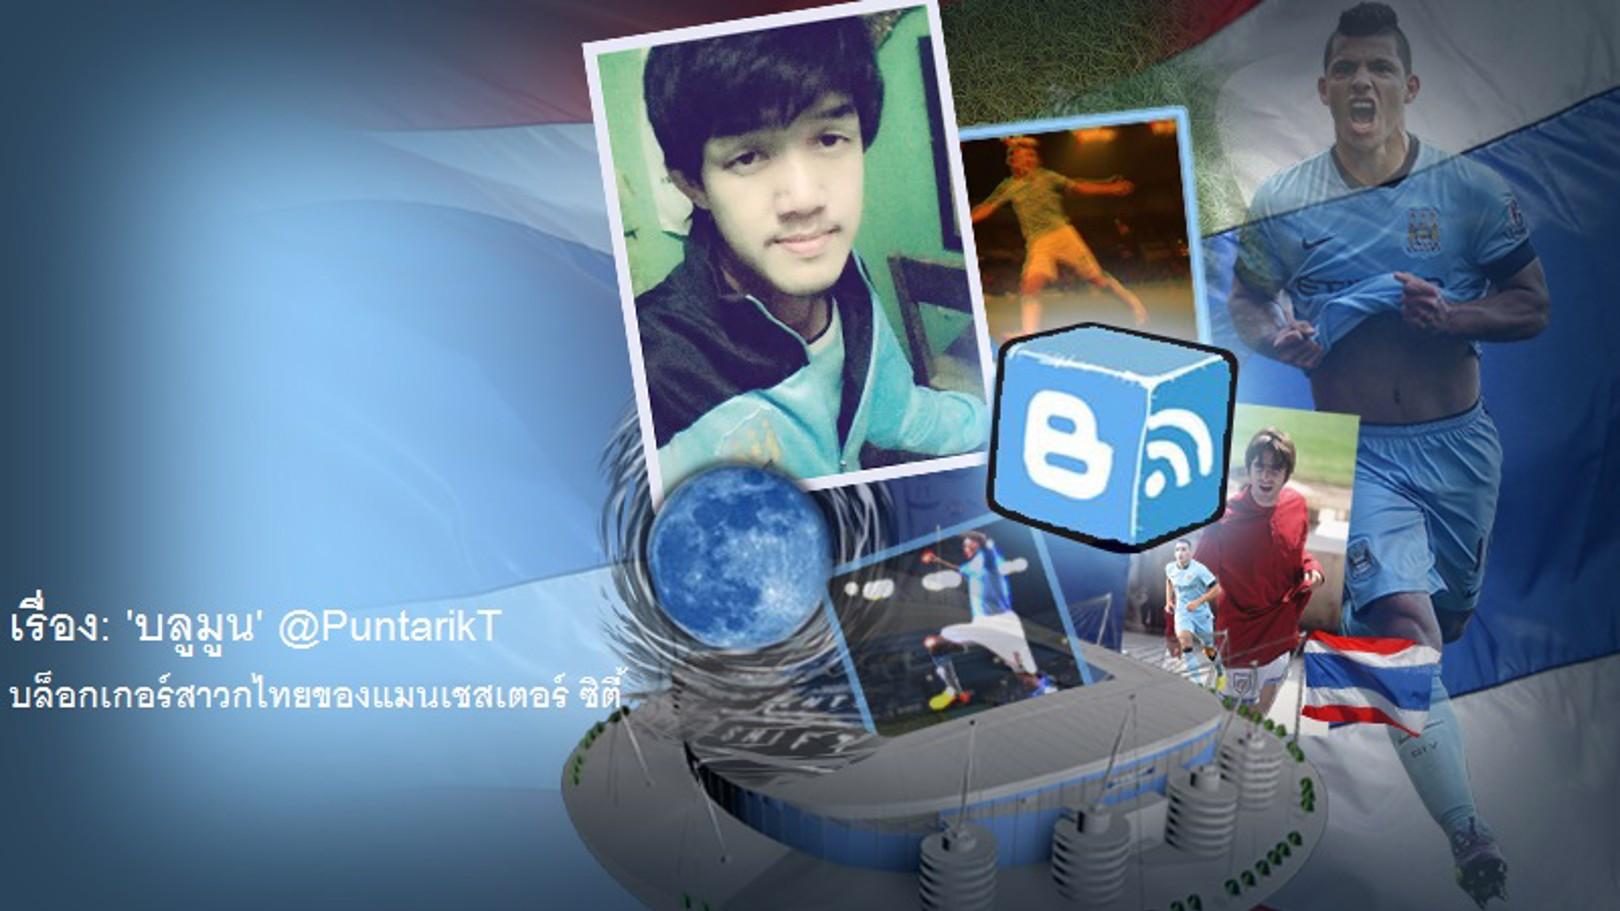 วิเคราะห์เจาะลึกโดยบลูมูน บล็อกเกอร์สาวกไทยของแมนซิตี้